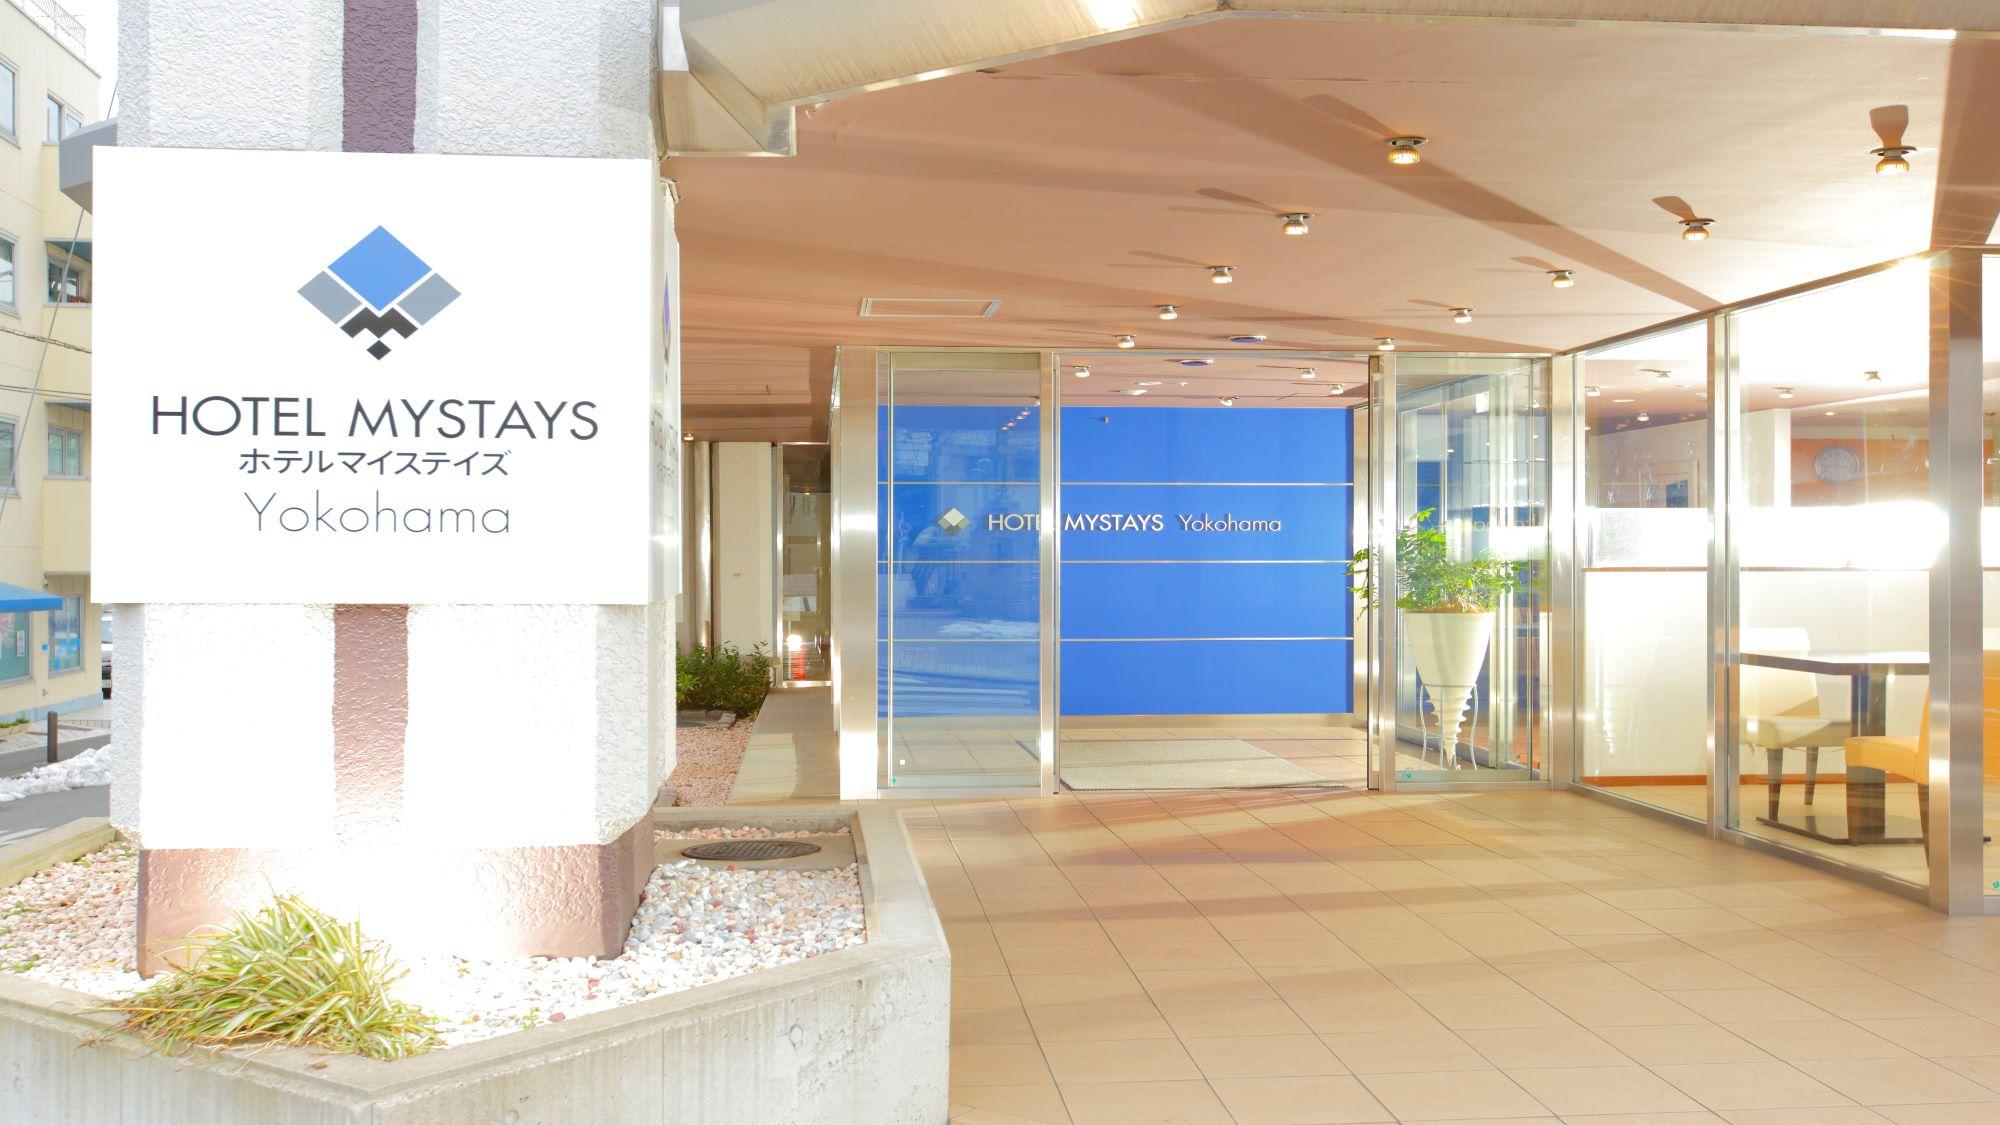 ホテルマイステイズ横浜 image